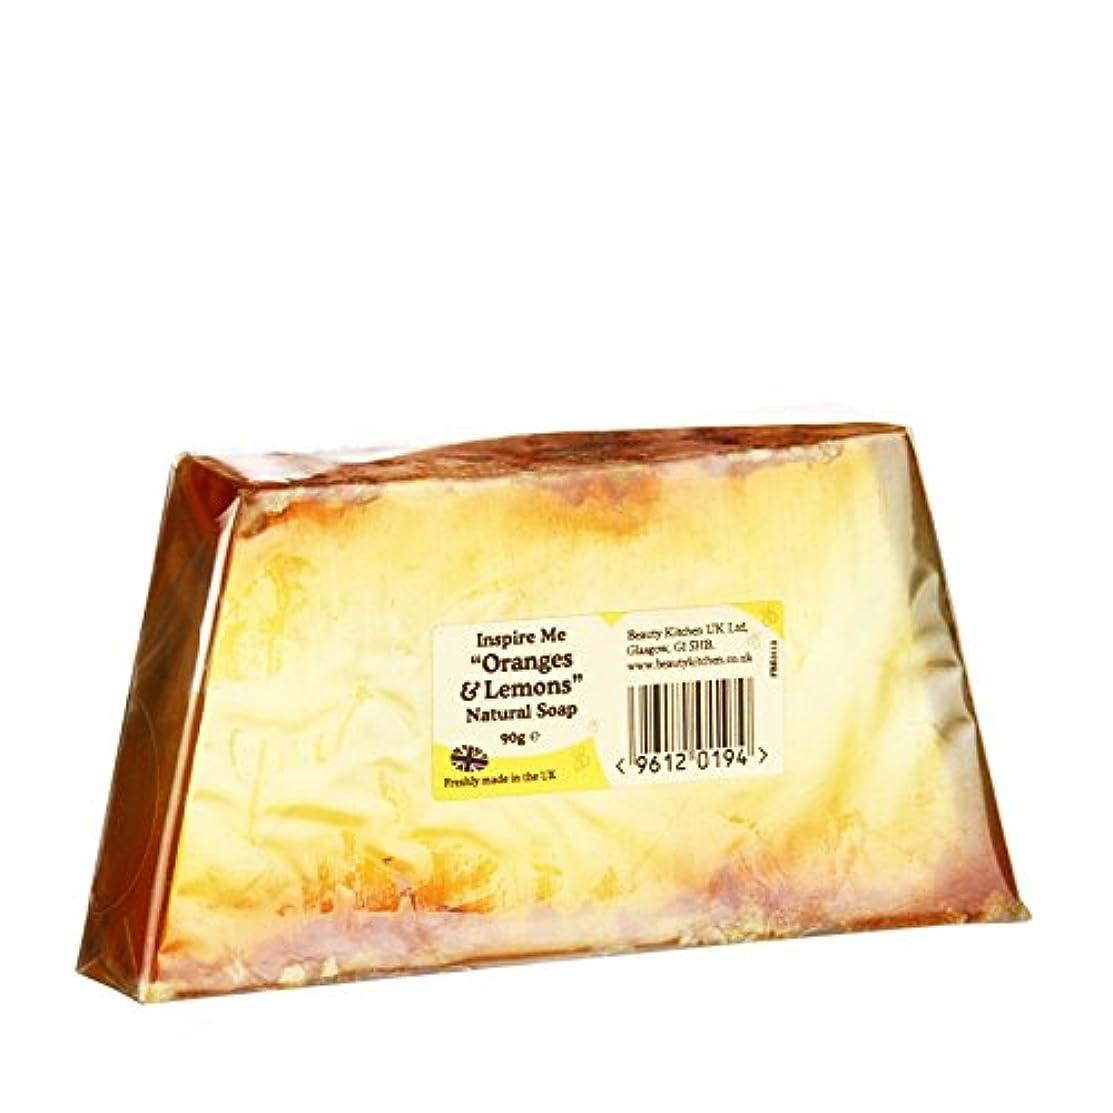 スプレーオピエート本当のことを言うとBeauty Kitchen Inspire Me Orange & Lemon Natural Soap 90g (Pack of 6) - 美しさのキッチンは私がオレンジ&レモンの天然石鹸90グラム鼓舞します (x6...